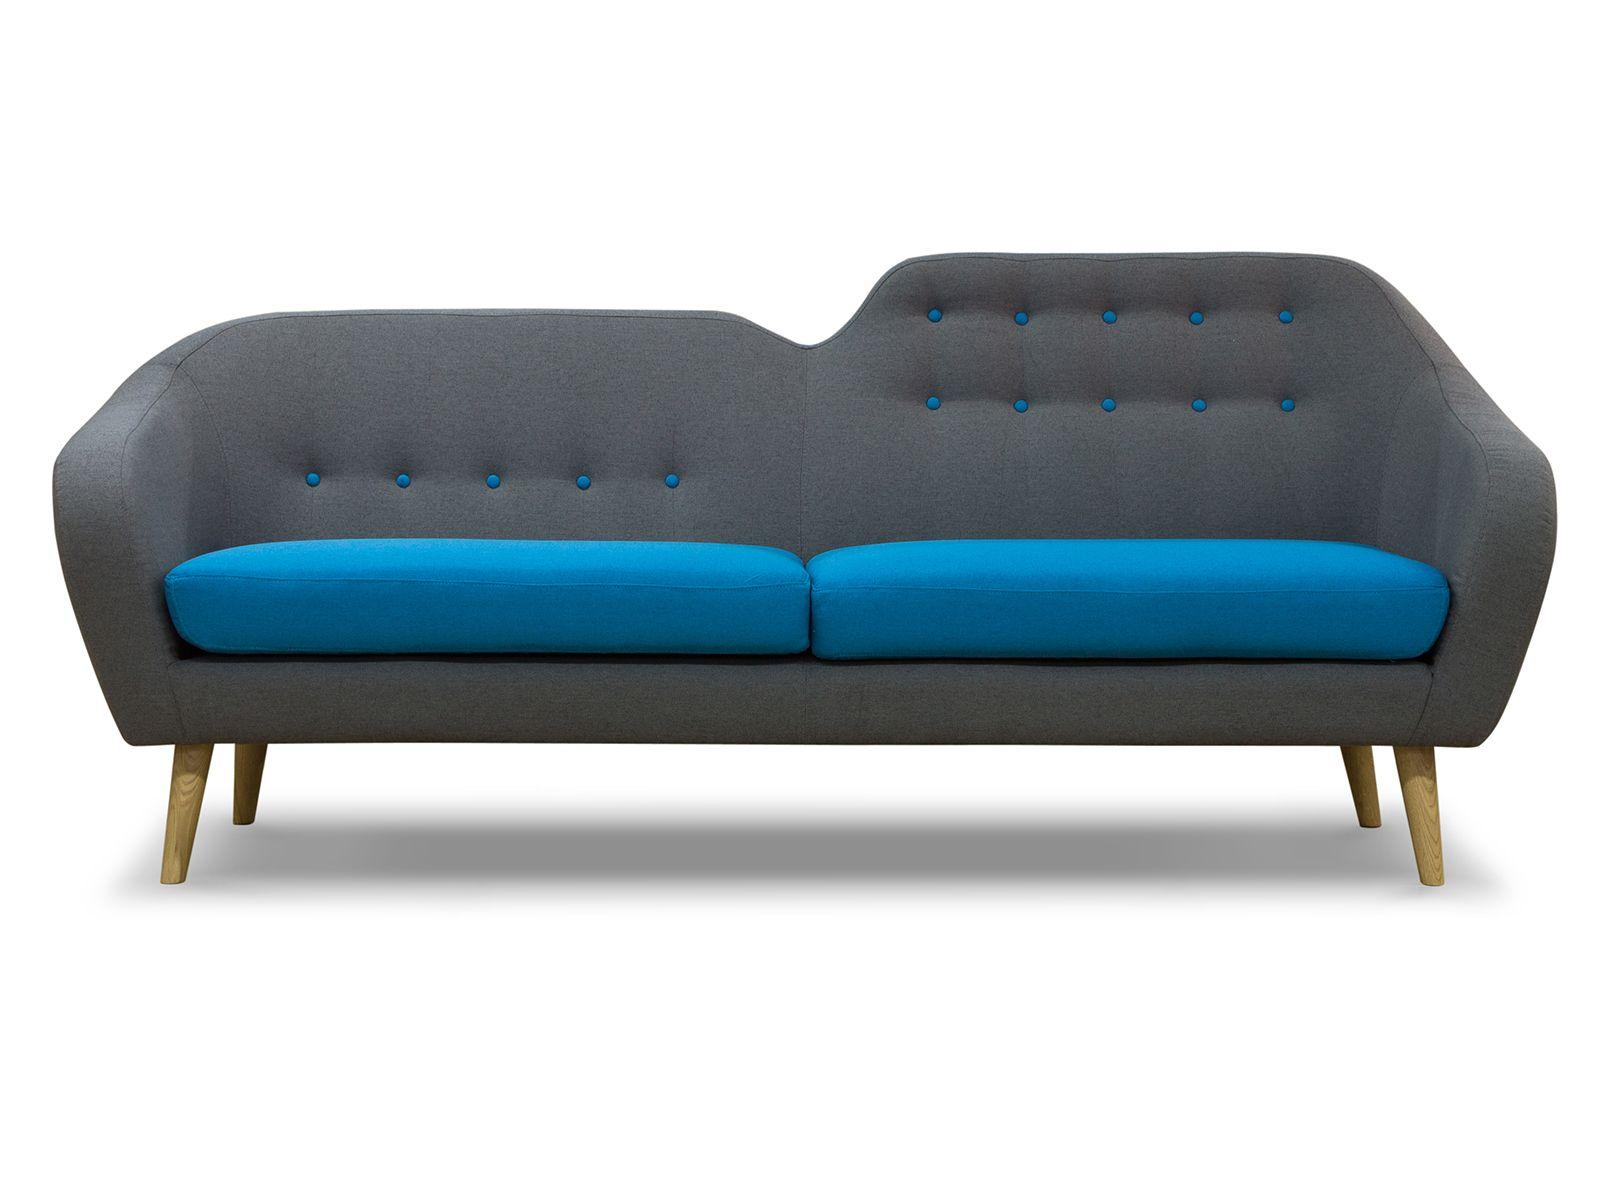 Retro Sofa Siva Von Massivum De Retro Sofa Fabric Sofa Sofa